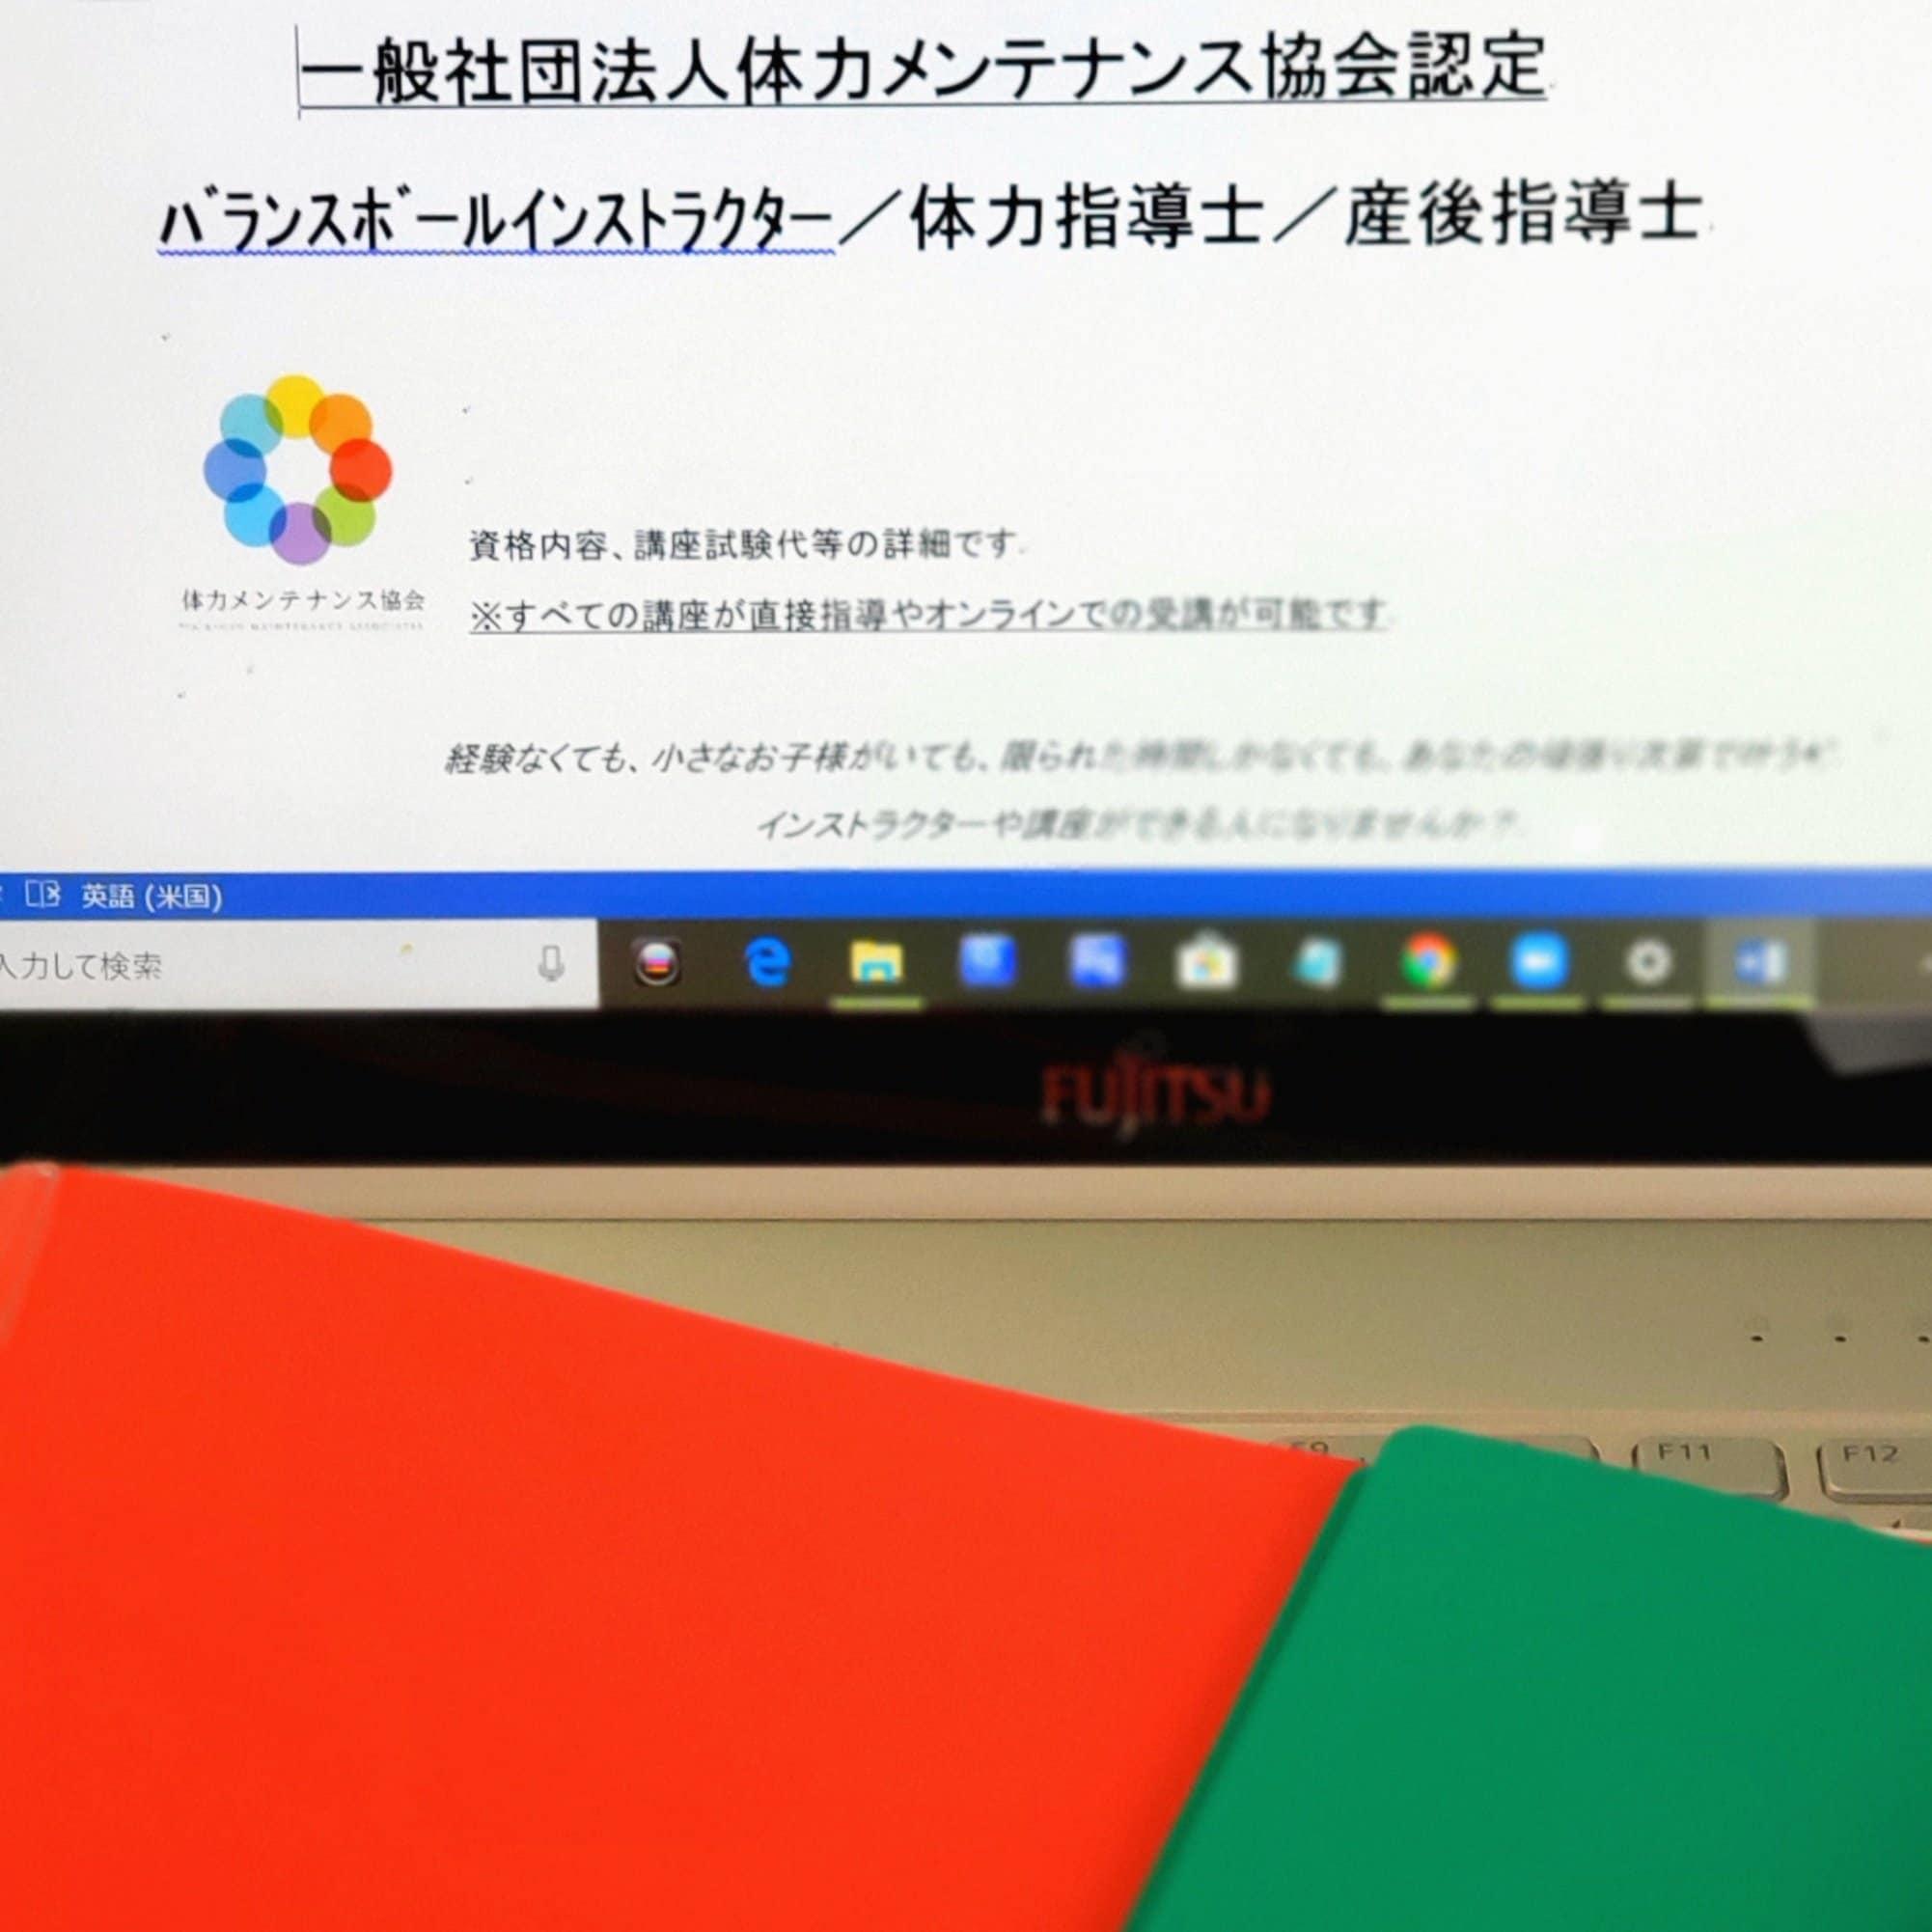 【体力指導士養成講座】@愛知県江南市&オンライン(全国受講可能)のイメージその2